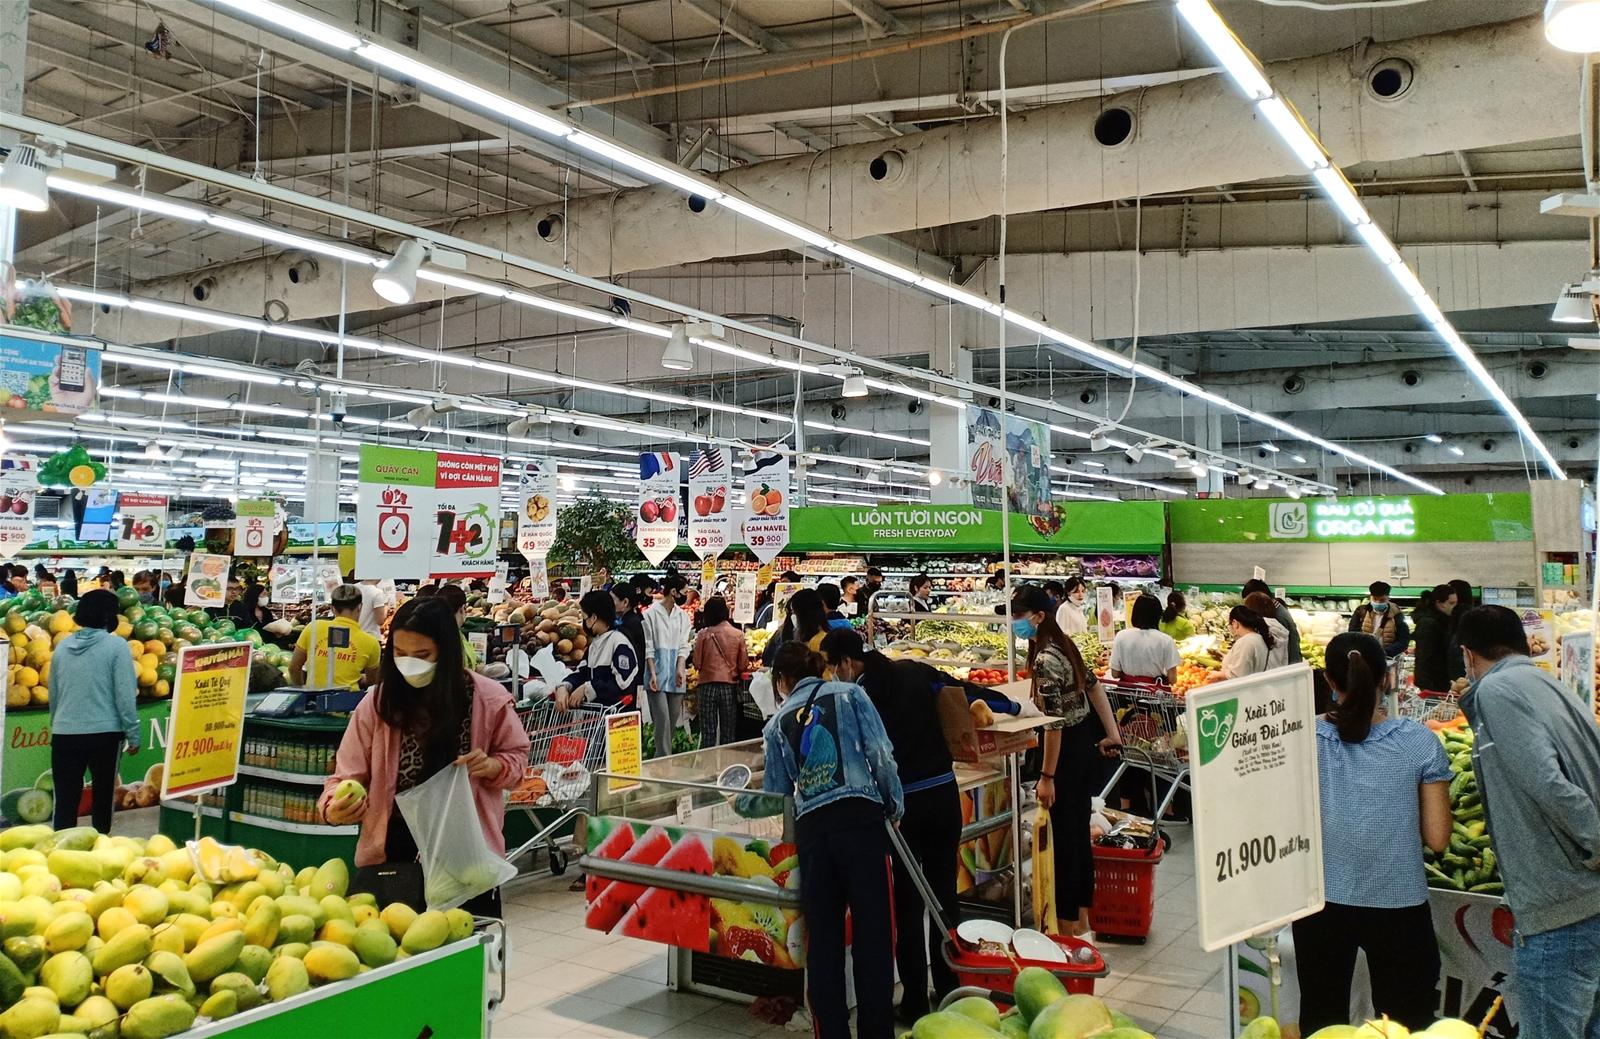 Bài toán phát triển thị trường nội địa và kích cầu tiêu dùng